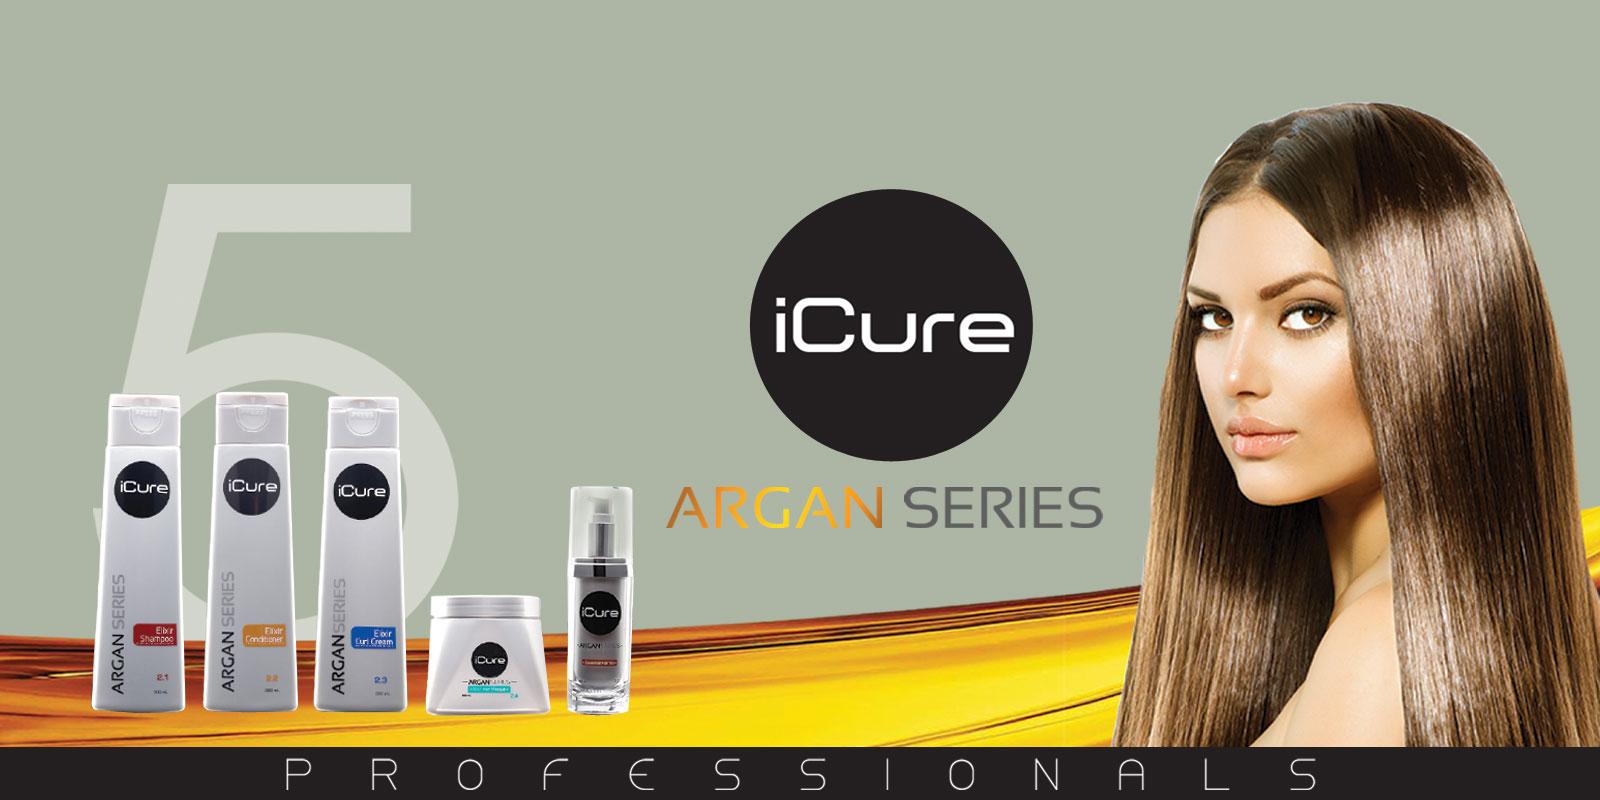 iCure Argan Series